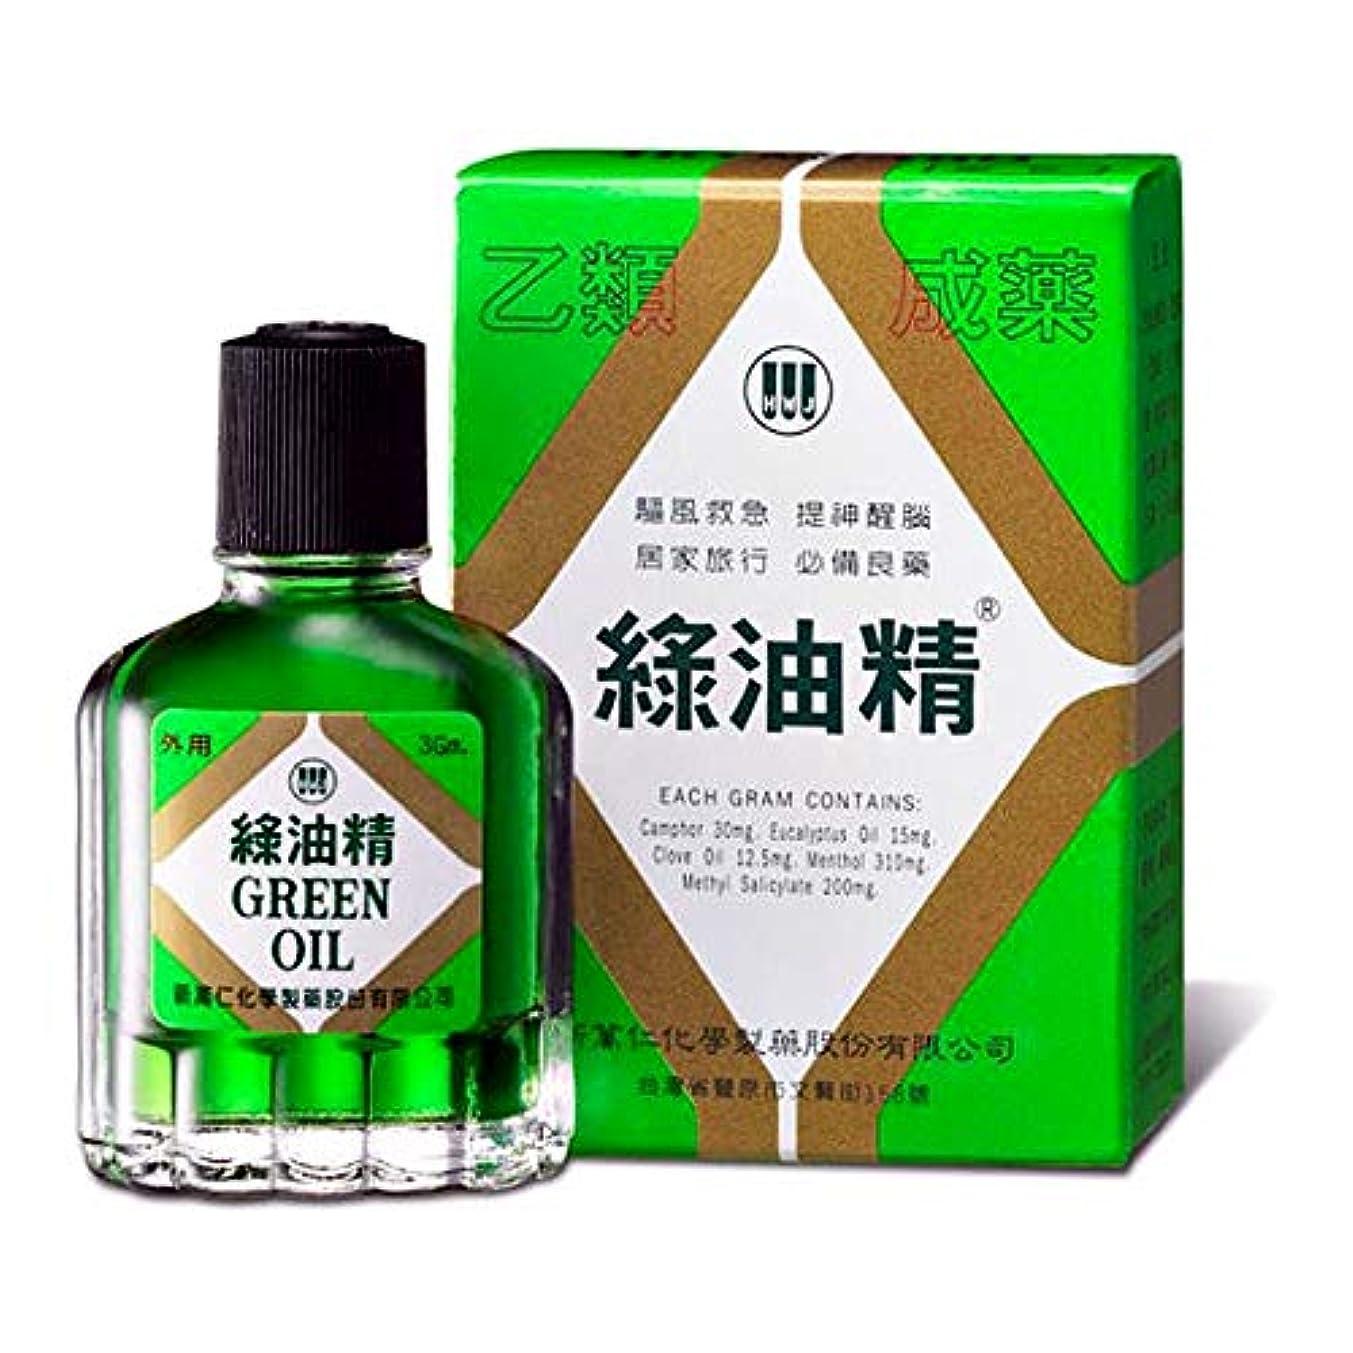 レベル最少キャンディー《新萬仁》台湾の万能グリーンオイル 緑油精 3g 《台湾 お土産》 [並行輸入品]